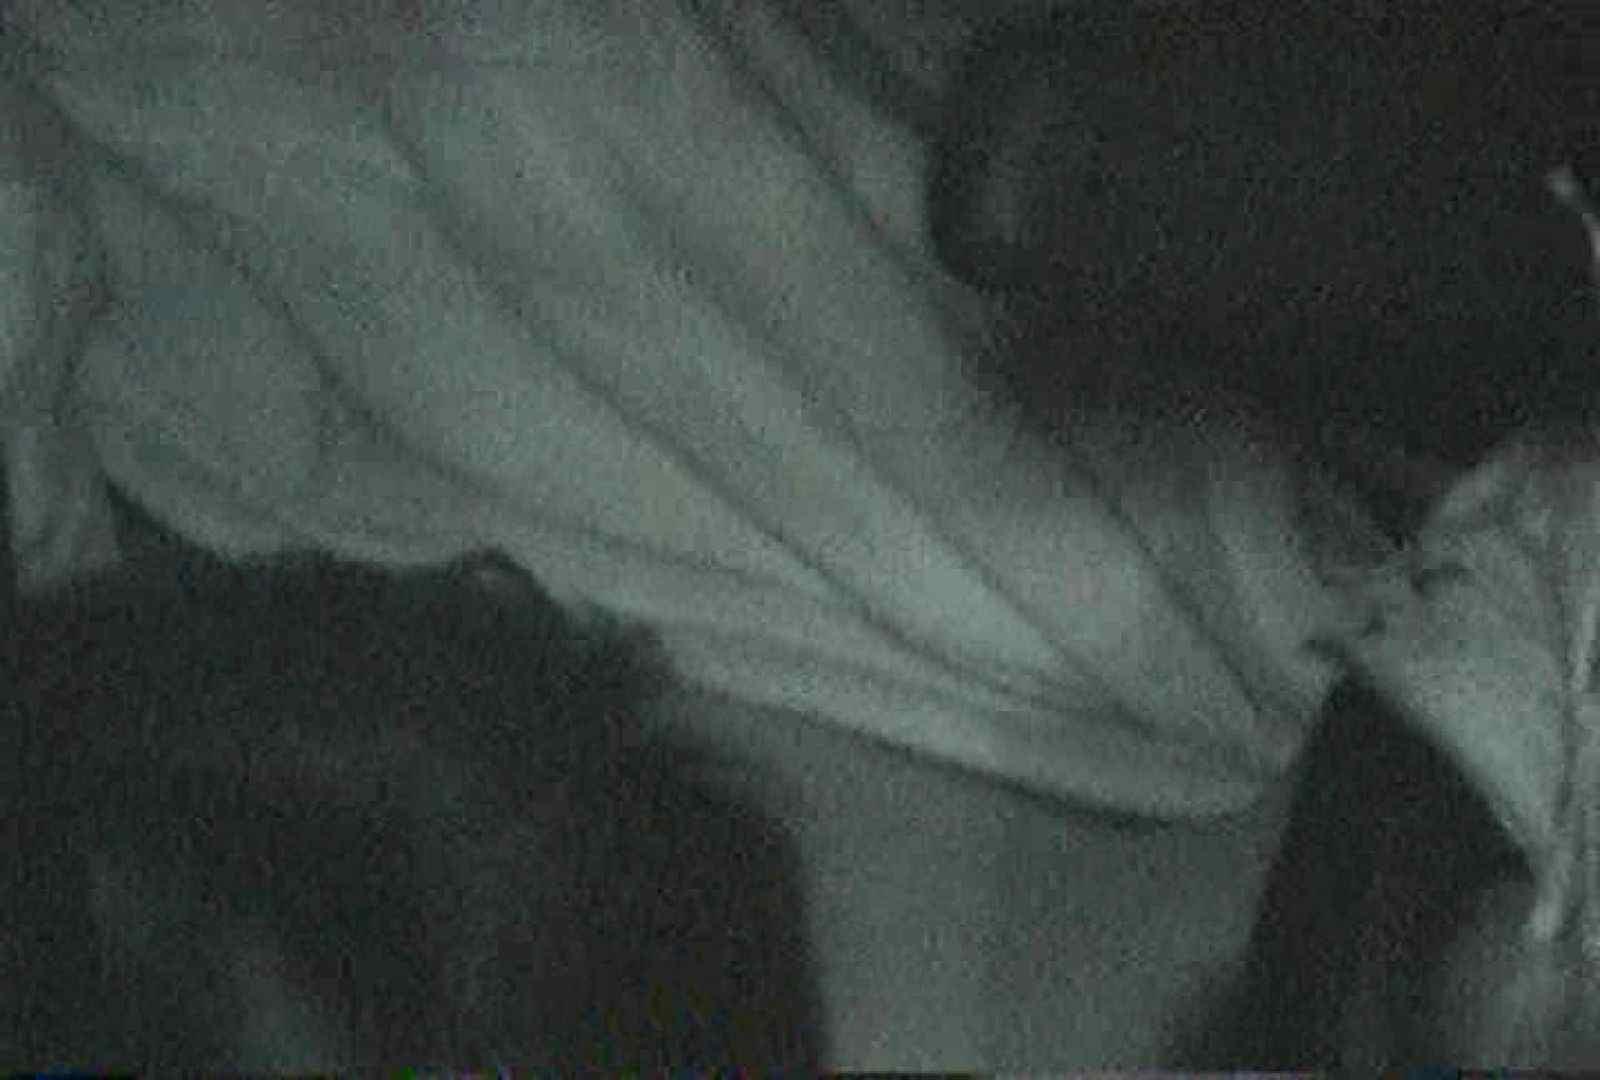 充血監督の深夜の運動会Vol.113 OLヌード天国 | カップルのセックス  59PIX 29